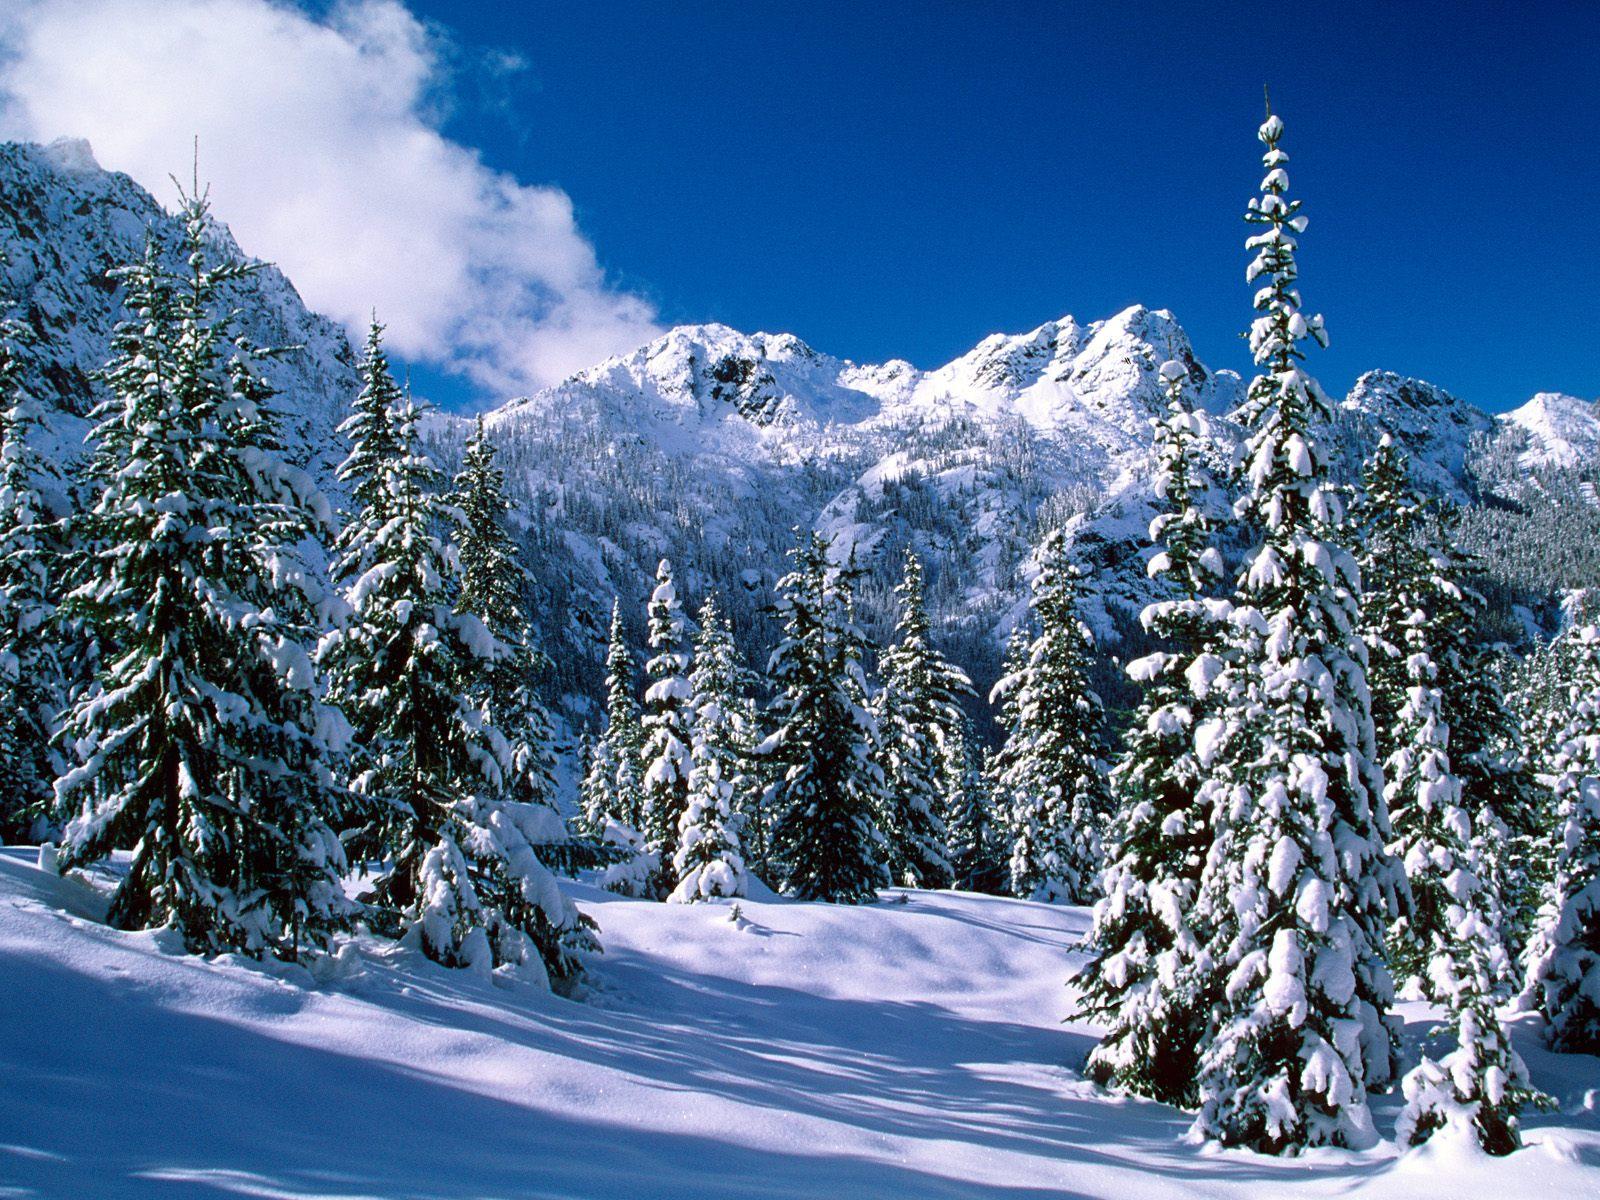 [GRATIS] Weihnachten 3D Live Hintergrund Forum Allgemeines zu  - Hintergrundbilder Winterlandschaften